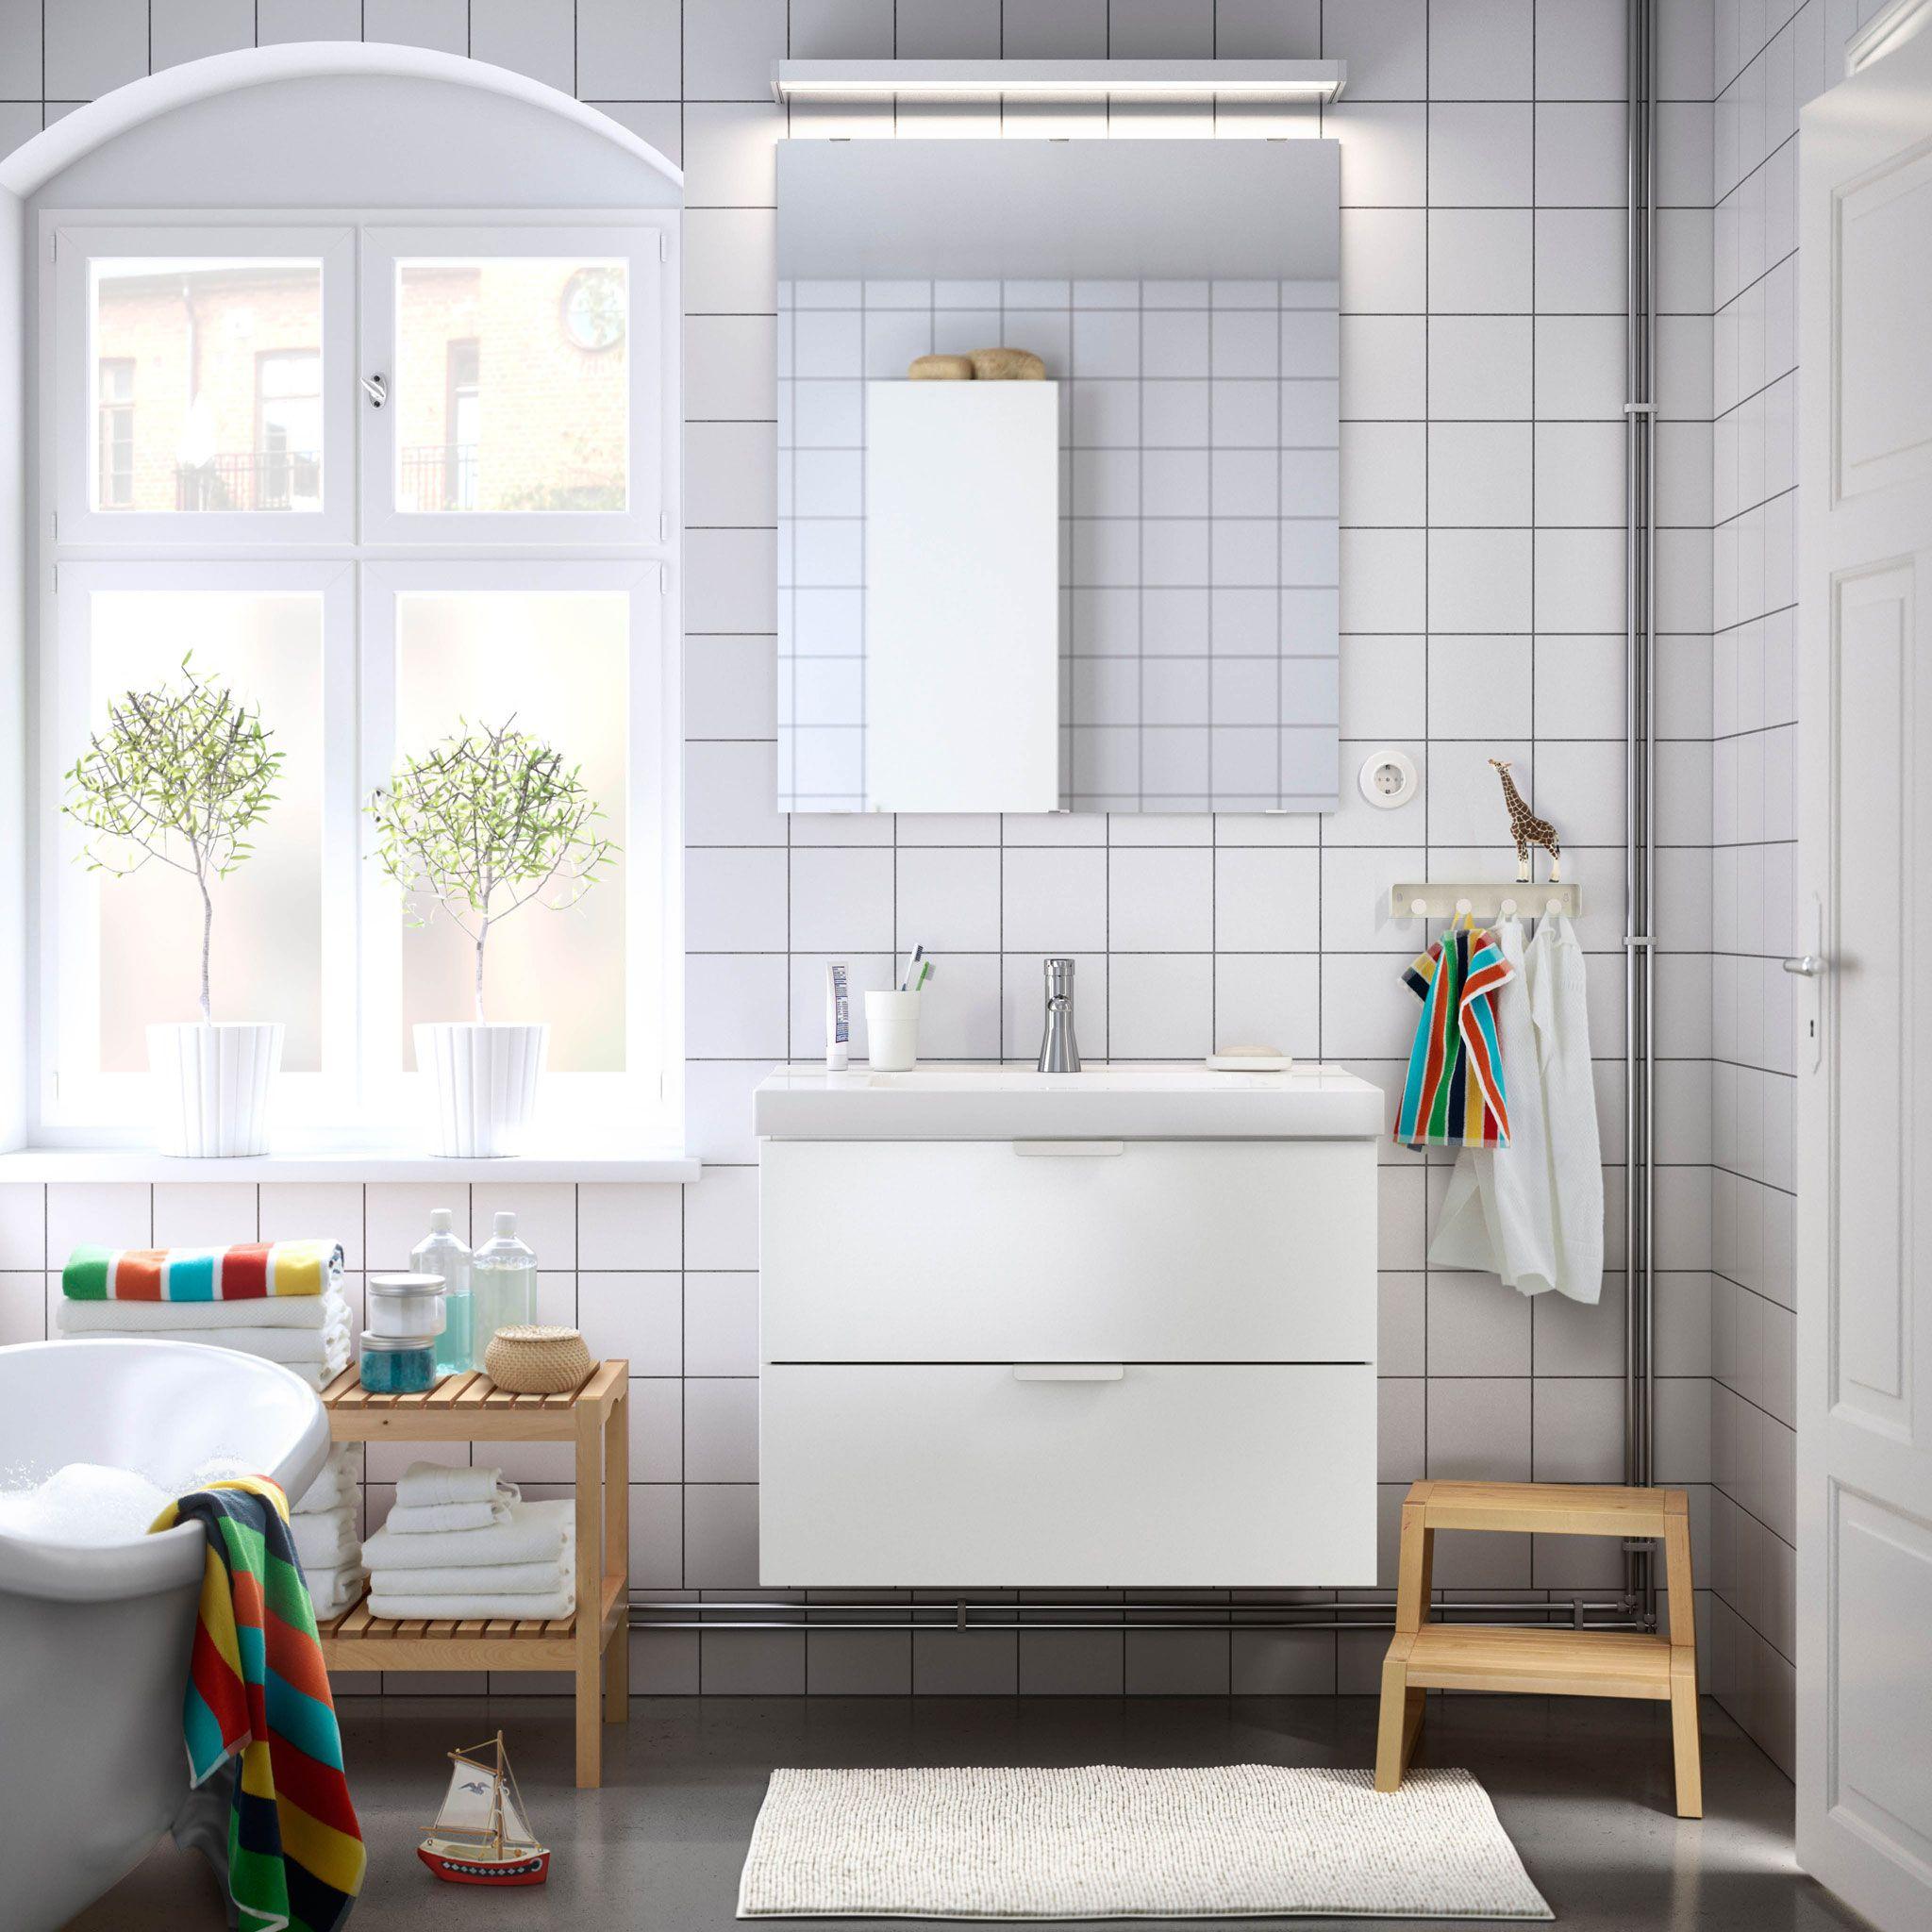 Gefürchtete Lila Und Grau Badezimmer Design Fotos  Mehr auf